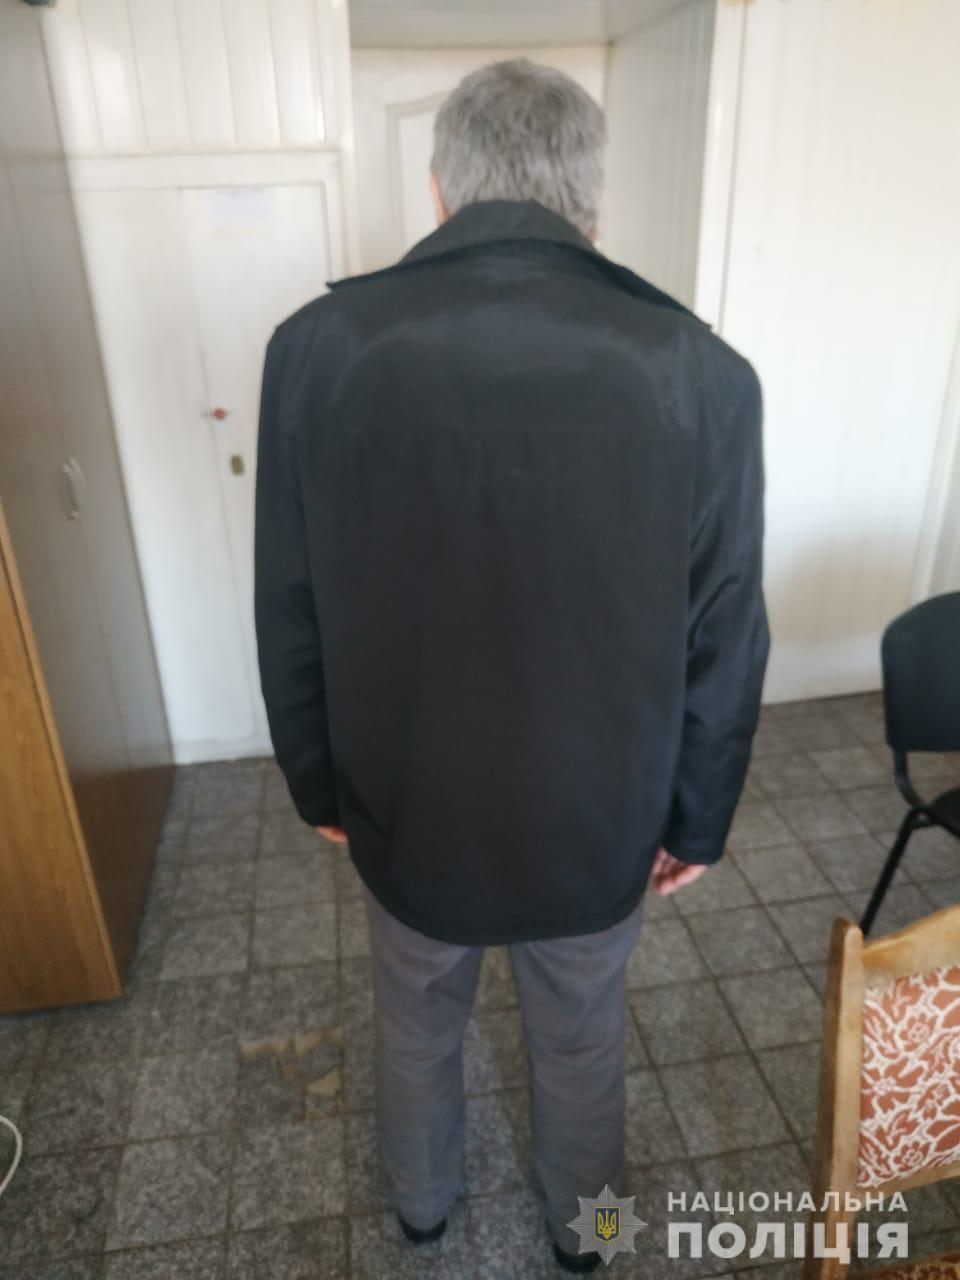 В Кривом Роге задержали подозреваемого в убийстве женщины